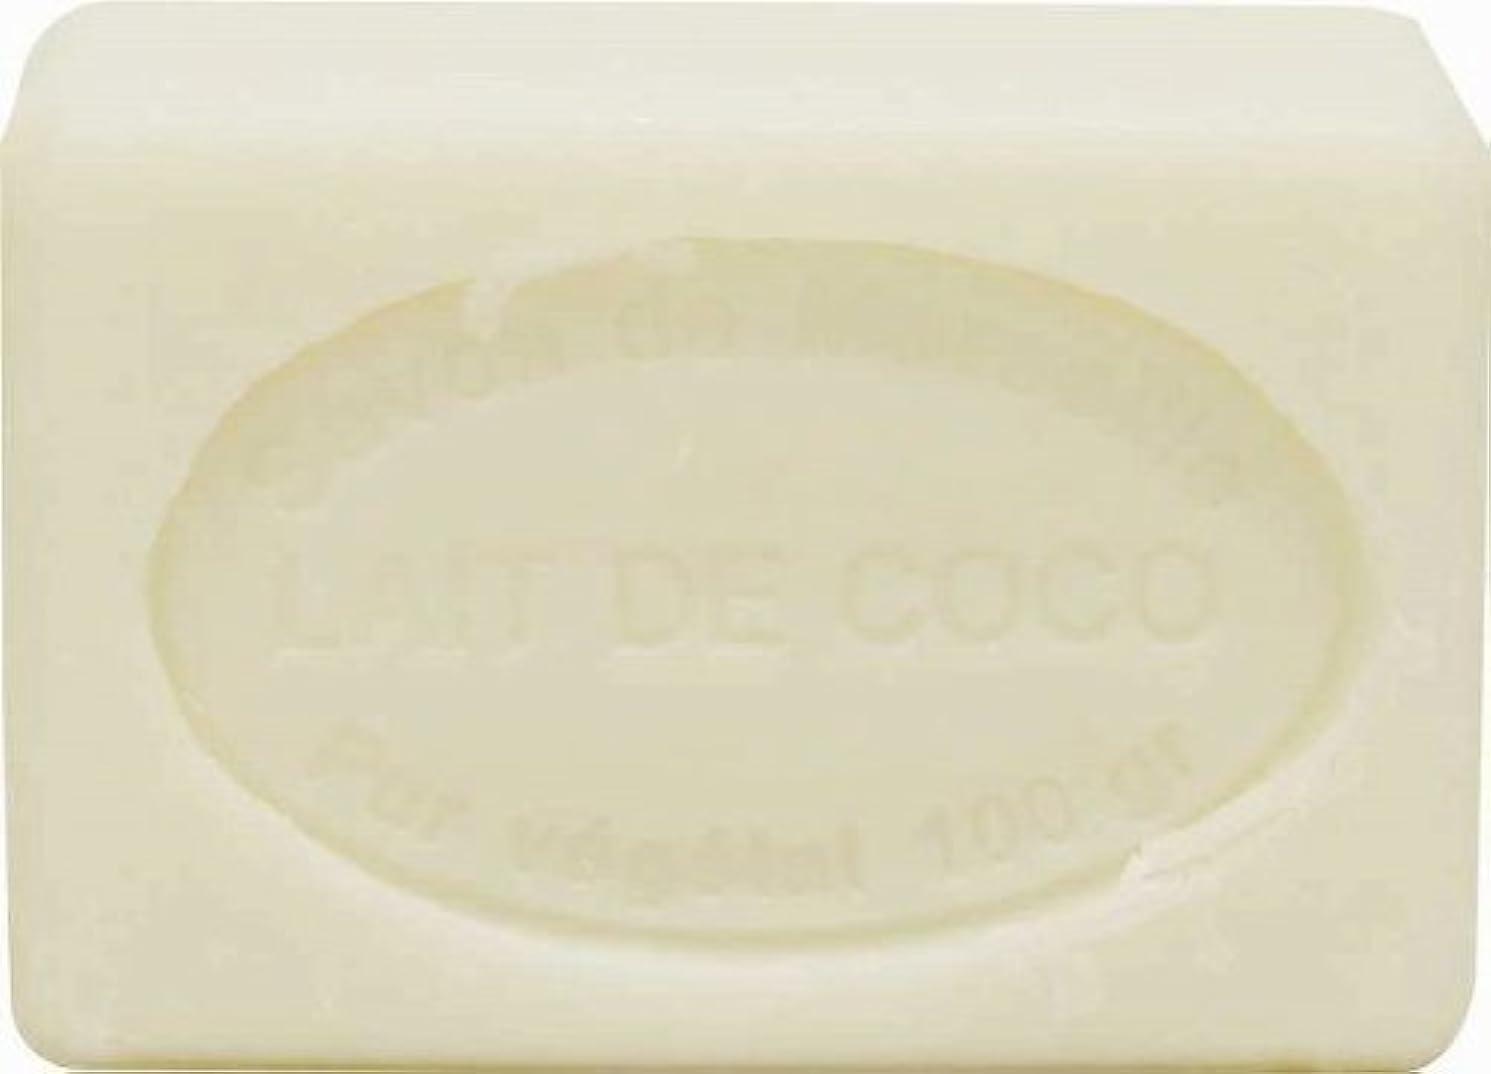 コーデリア蓄積する唇ル?シャトゥラール ソープ 100g ココナッツミルク SAVON 100